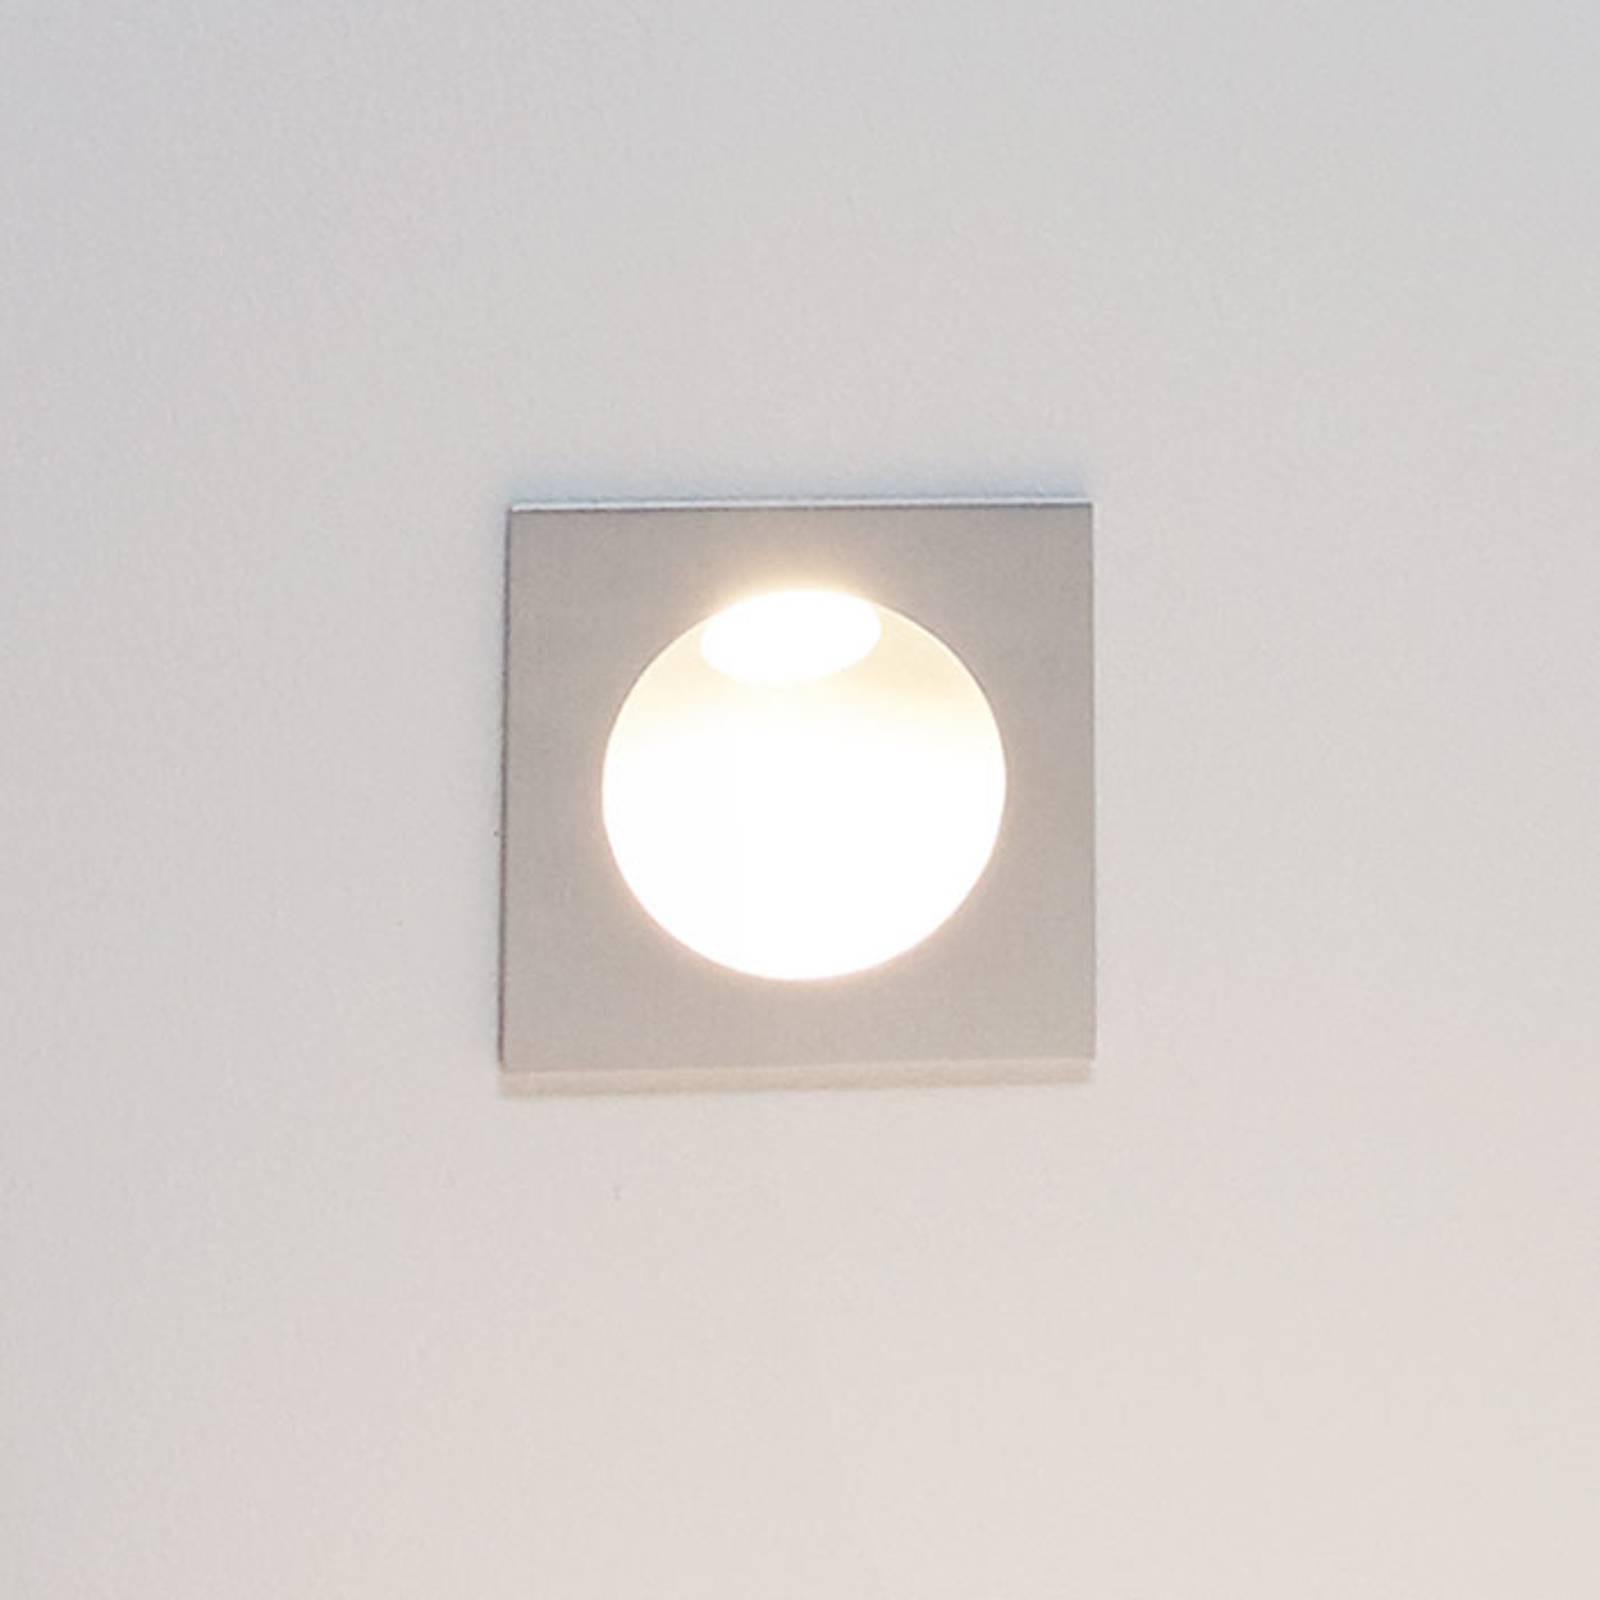 LED-seinäuppovalaisin Zarate, hopea